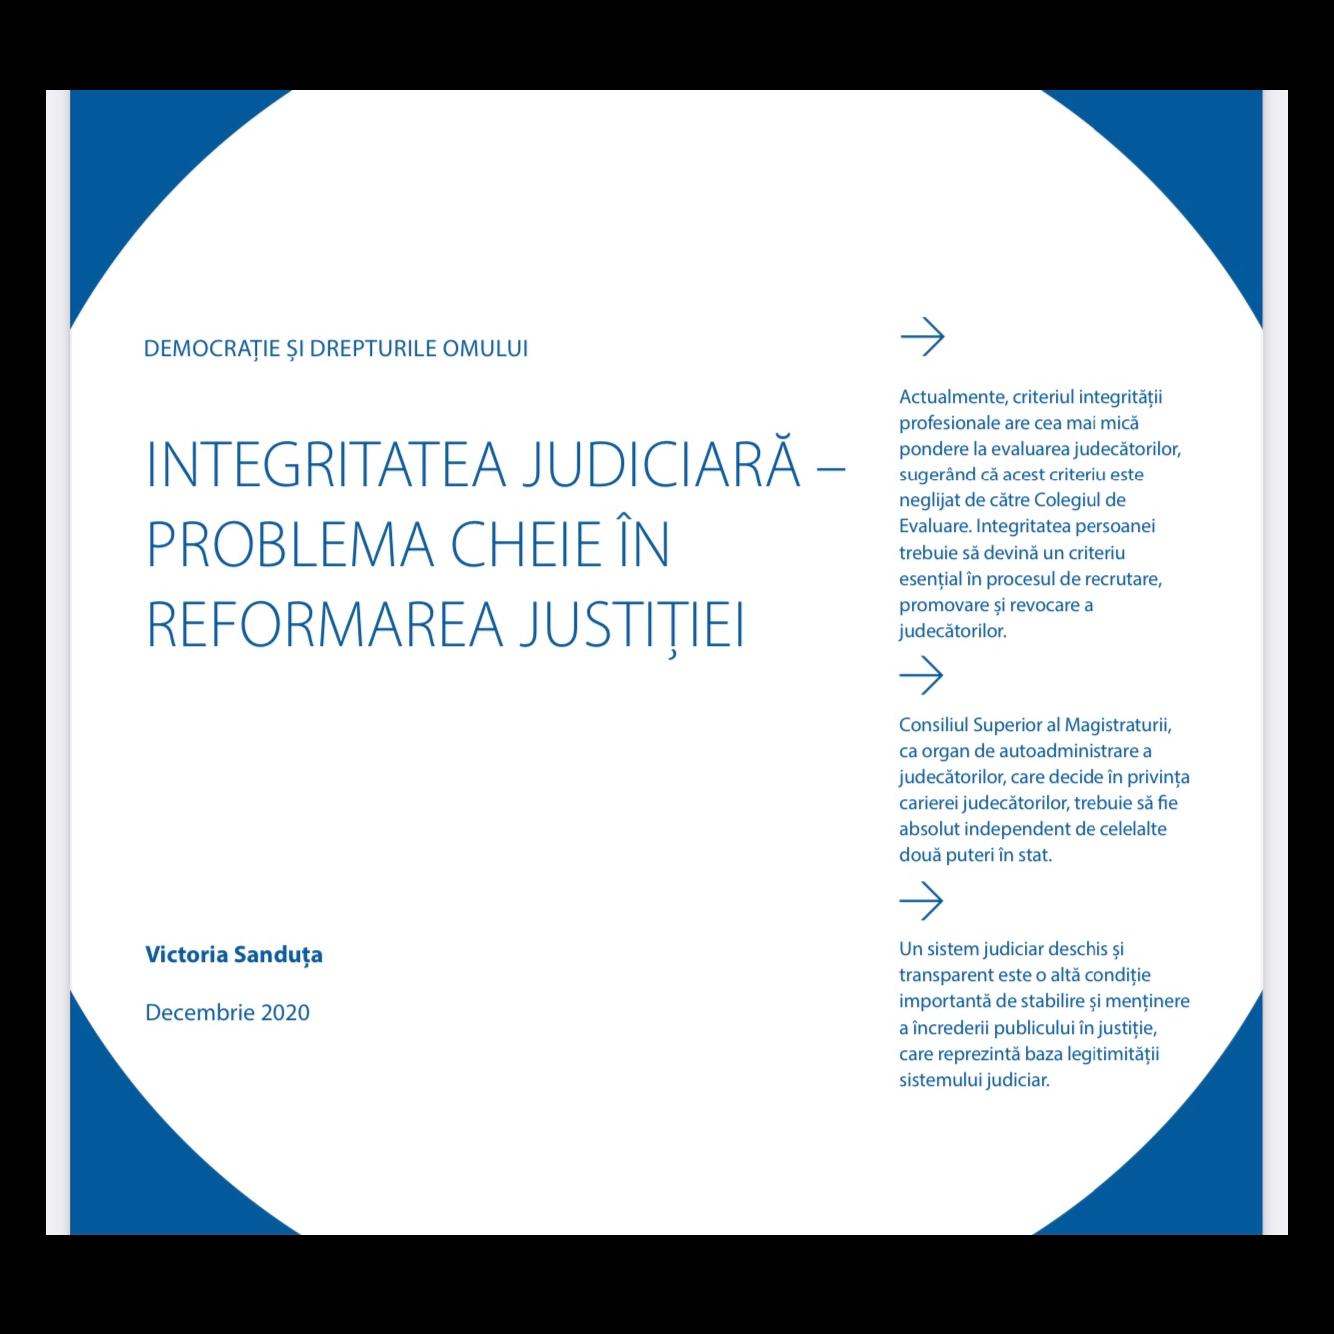 INTEGRITATEA JUDICIARĂ – PROBLEMA CHEIE ÎN REFORMAREA JUSTIȚIEI